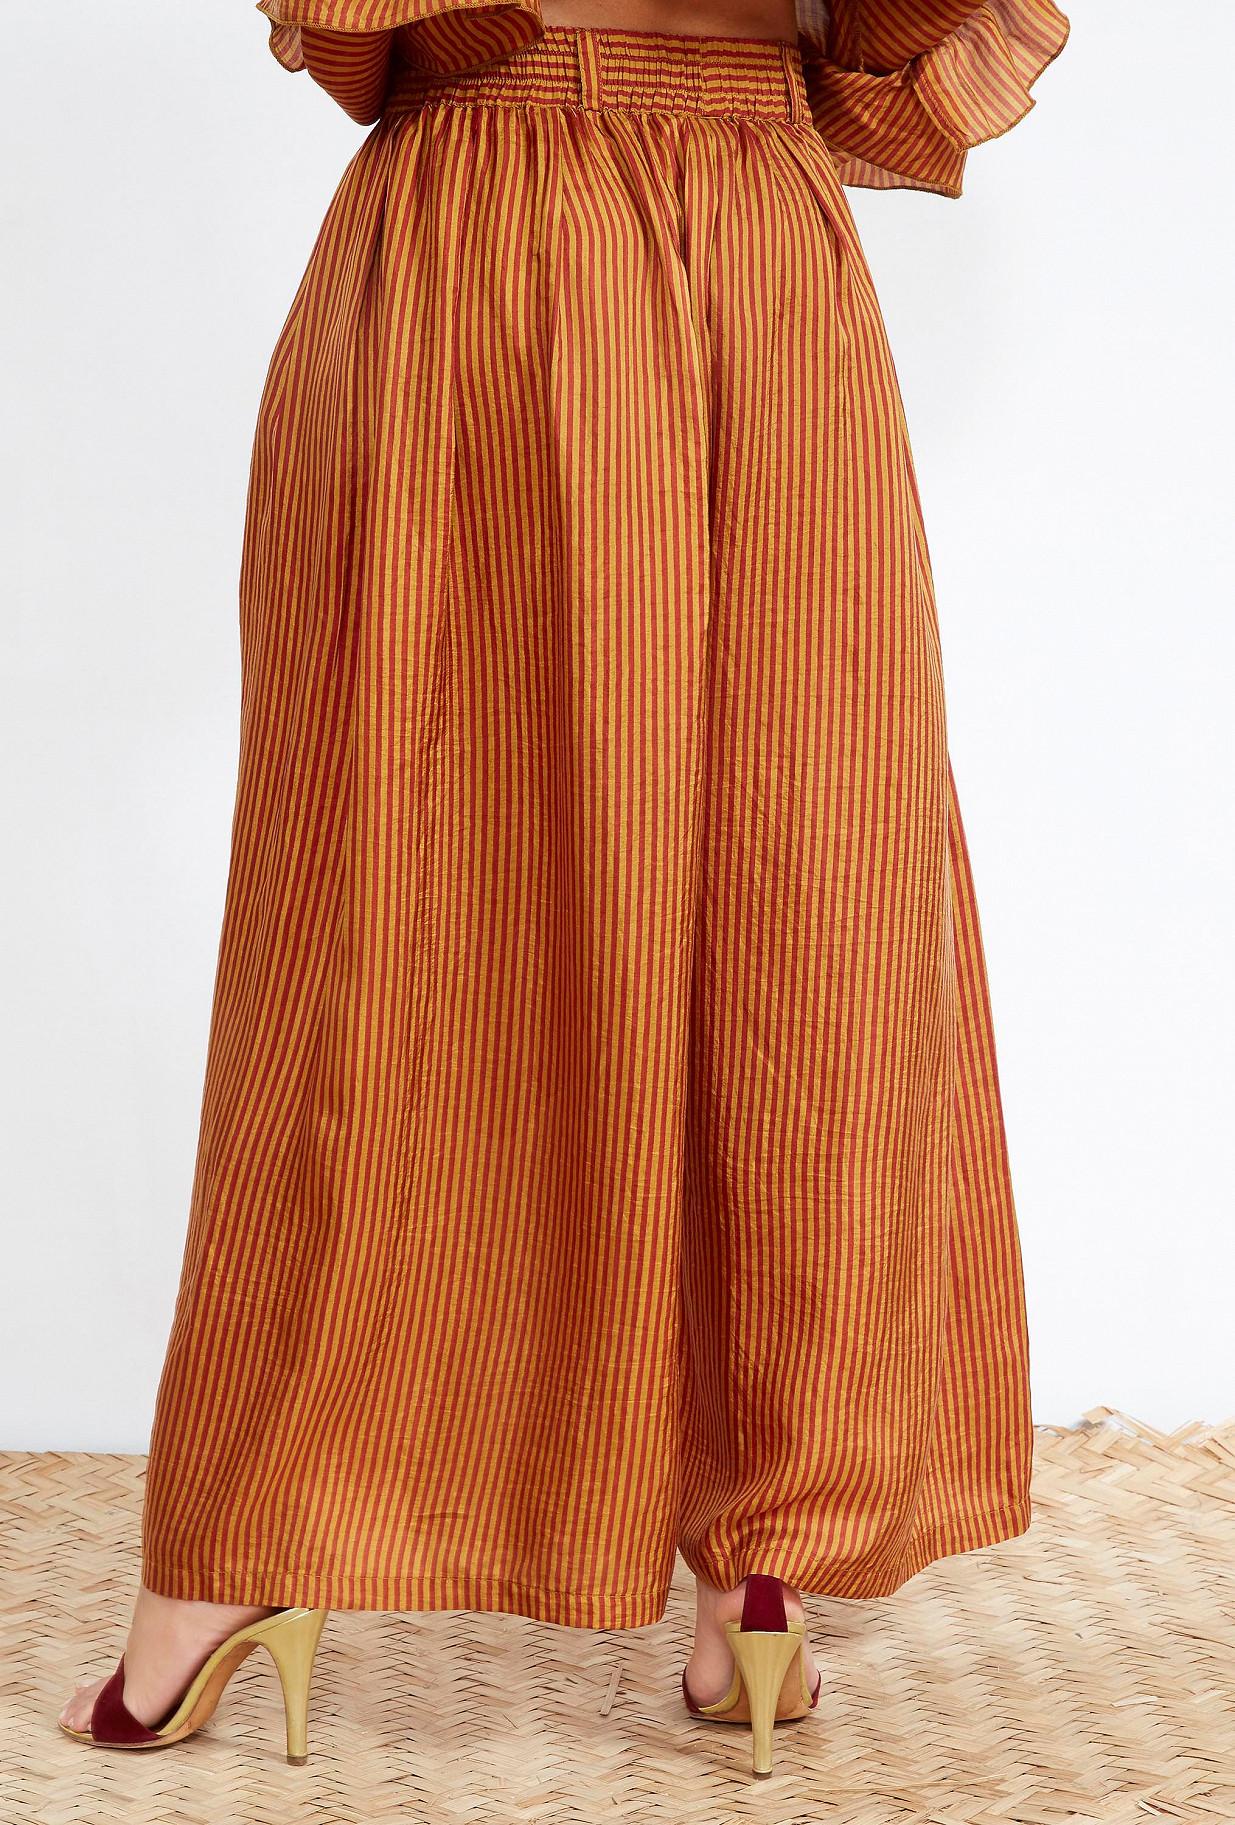 boutique de pantalon femme che mode createur paris. Black Bedroom Furniture Sets. Home Design Ideas